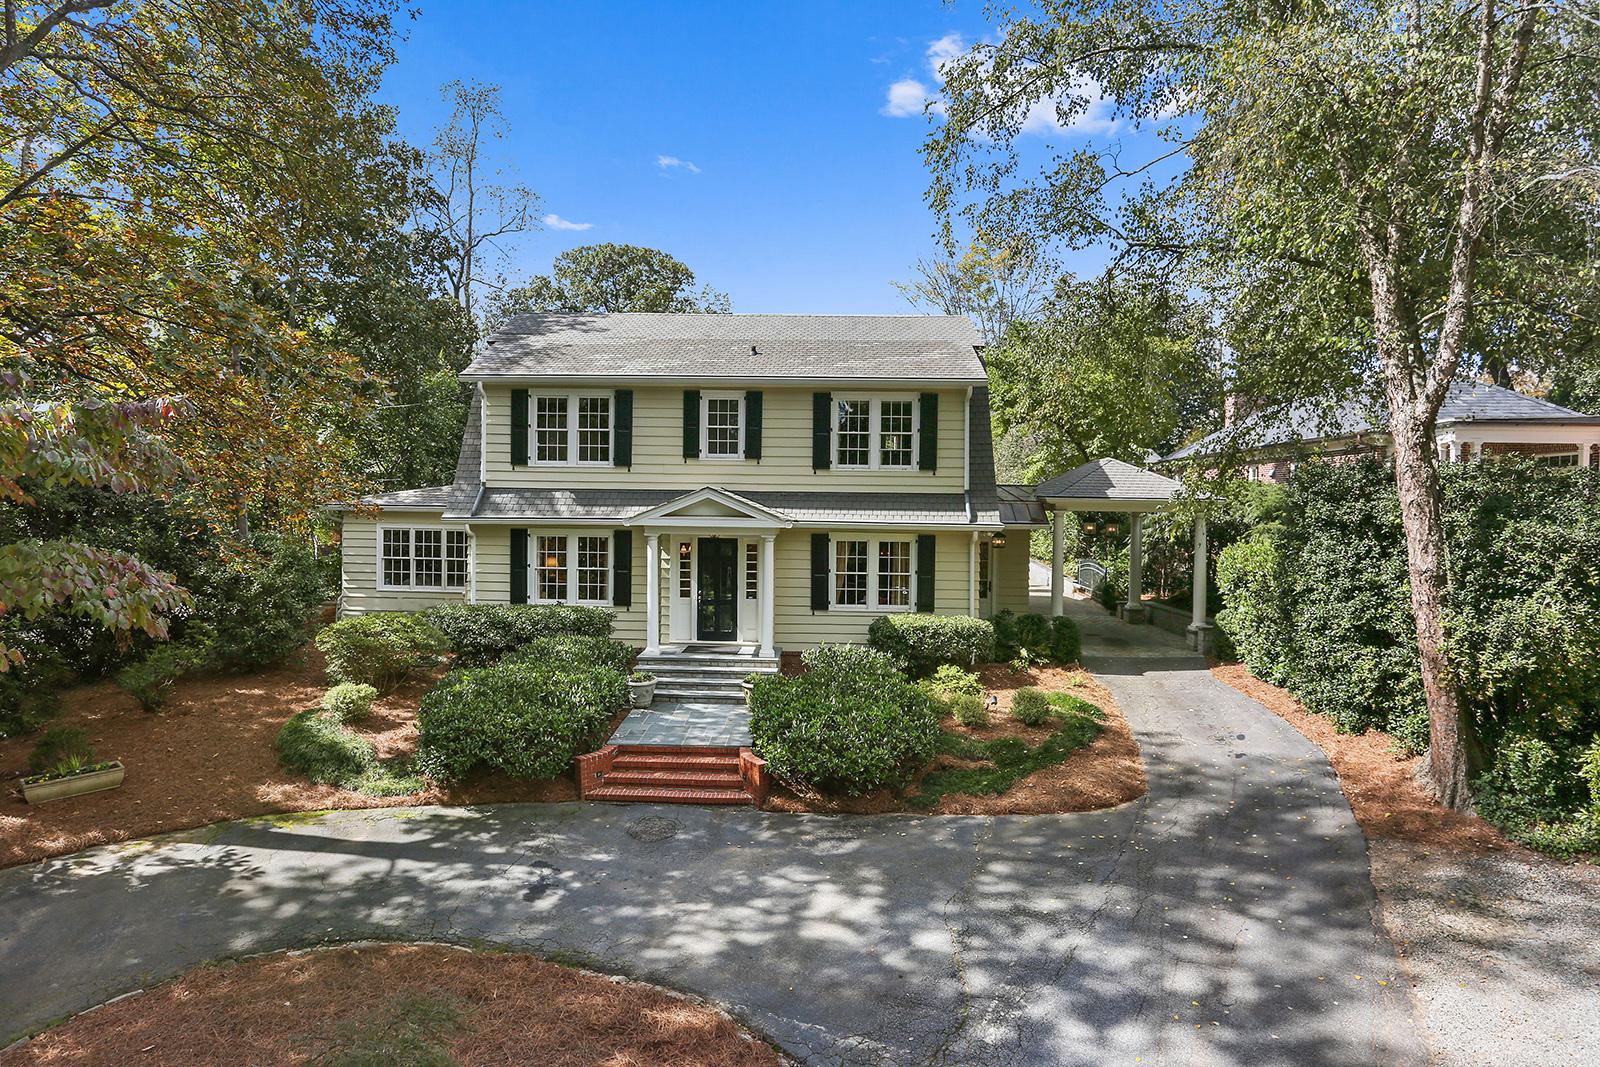 단독 가정 주택 용 매매 에 Exquisite Renovated Buckhead Home 2592 Habersham Road NW Atlanta, 조지아 30305 미국